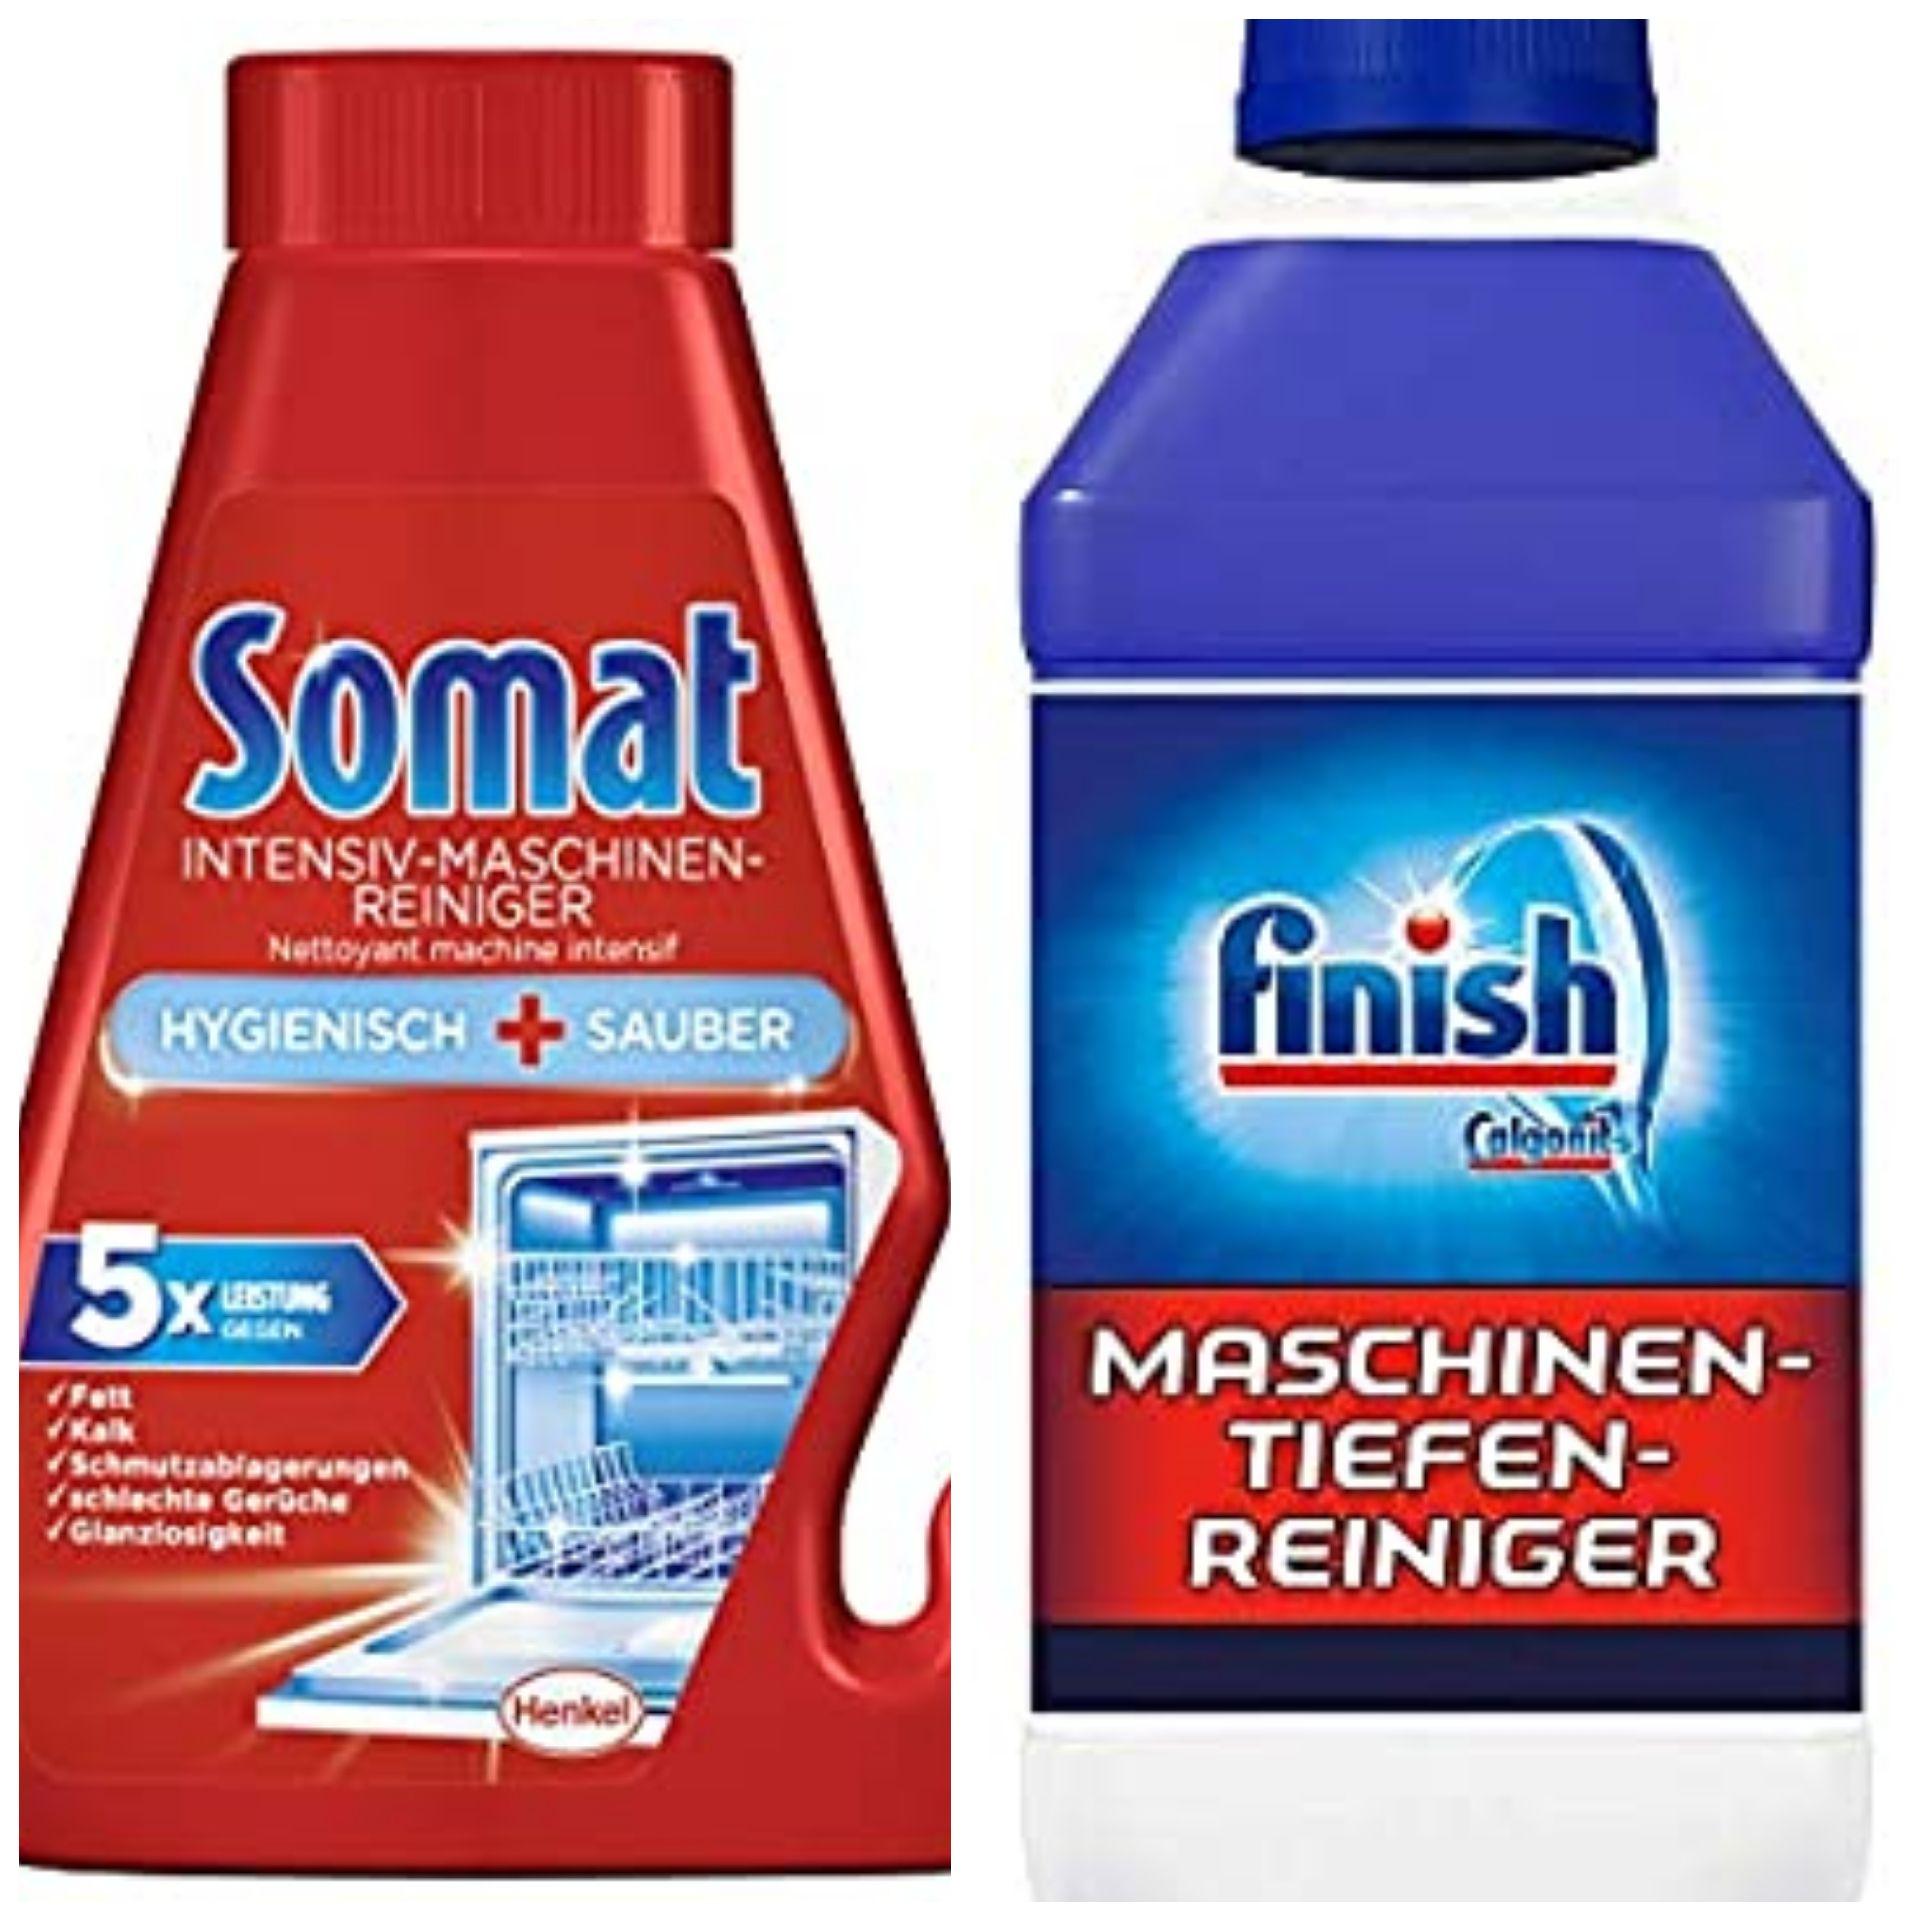 Somat Intensiv oder Finish Maschinenreiniger 250 ml, gegen Fett und Kalk + evtl. kombinierbar mit Somat Treueaktion - Prime *Sparabo*